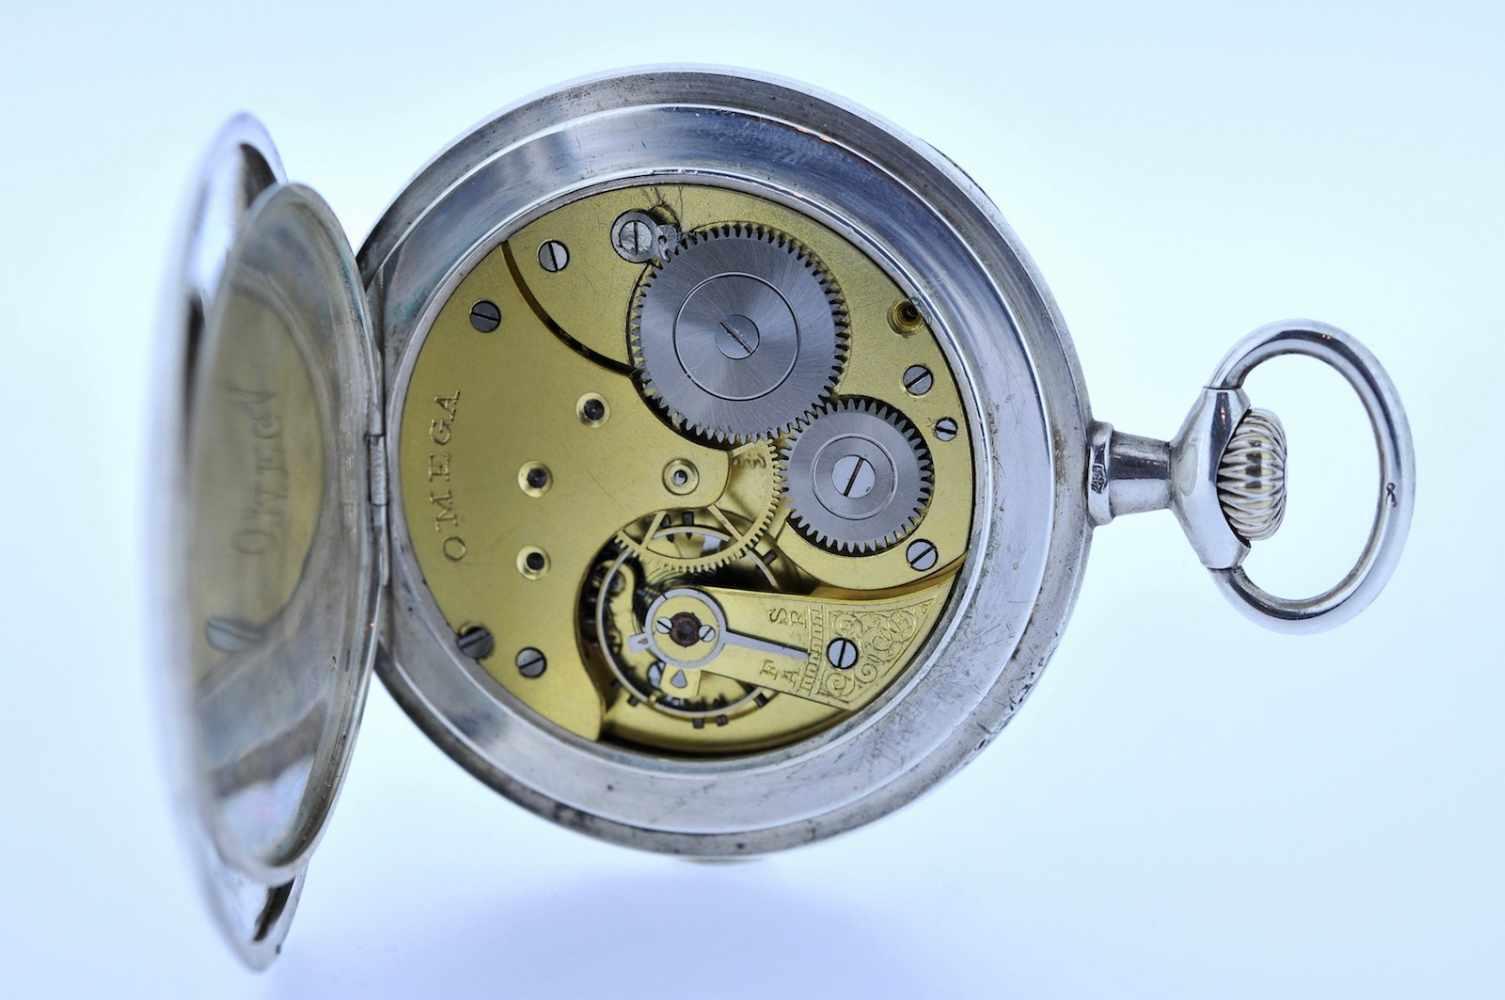 Silberne Taschenuhr Silberne Taschenuhr mit kleiner Sekunde, Omega, Breguetspirale, Ankerwerk, - Bild 2 aus 4